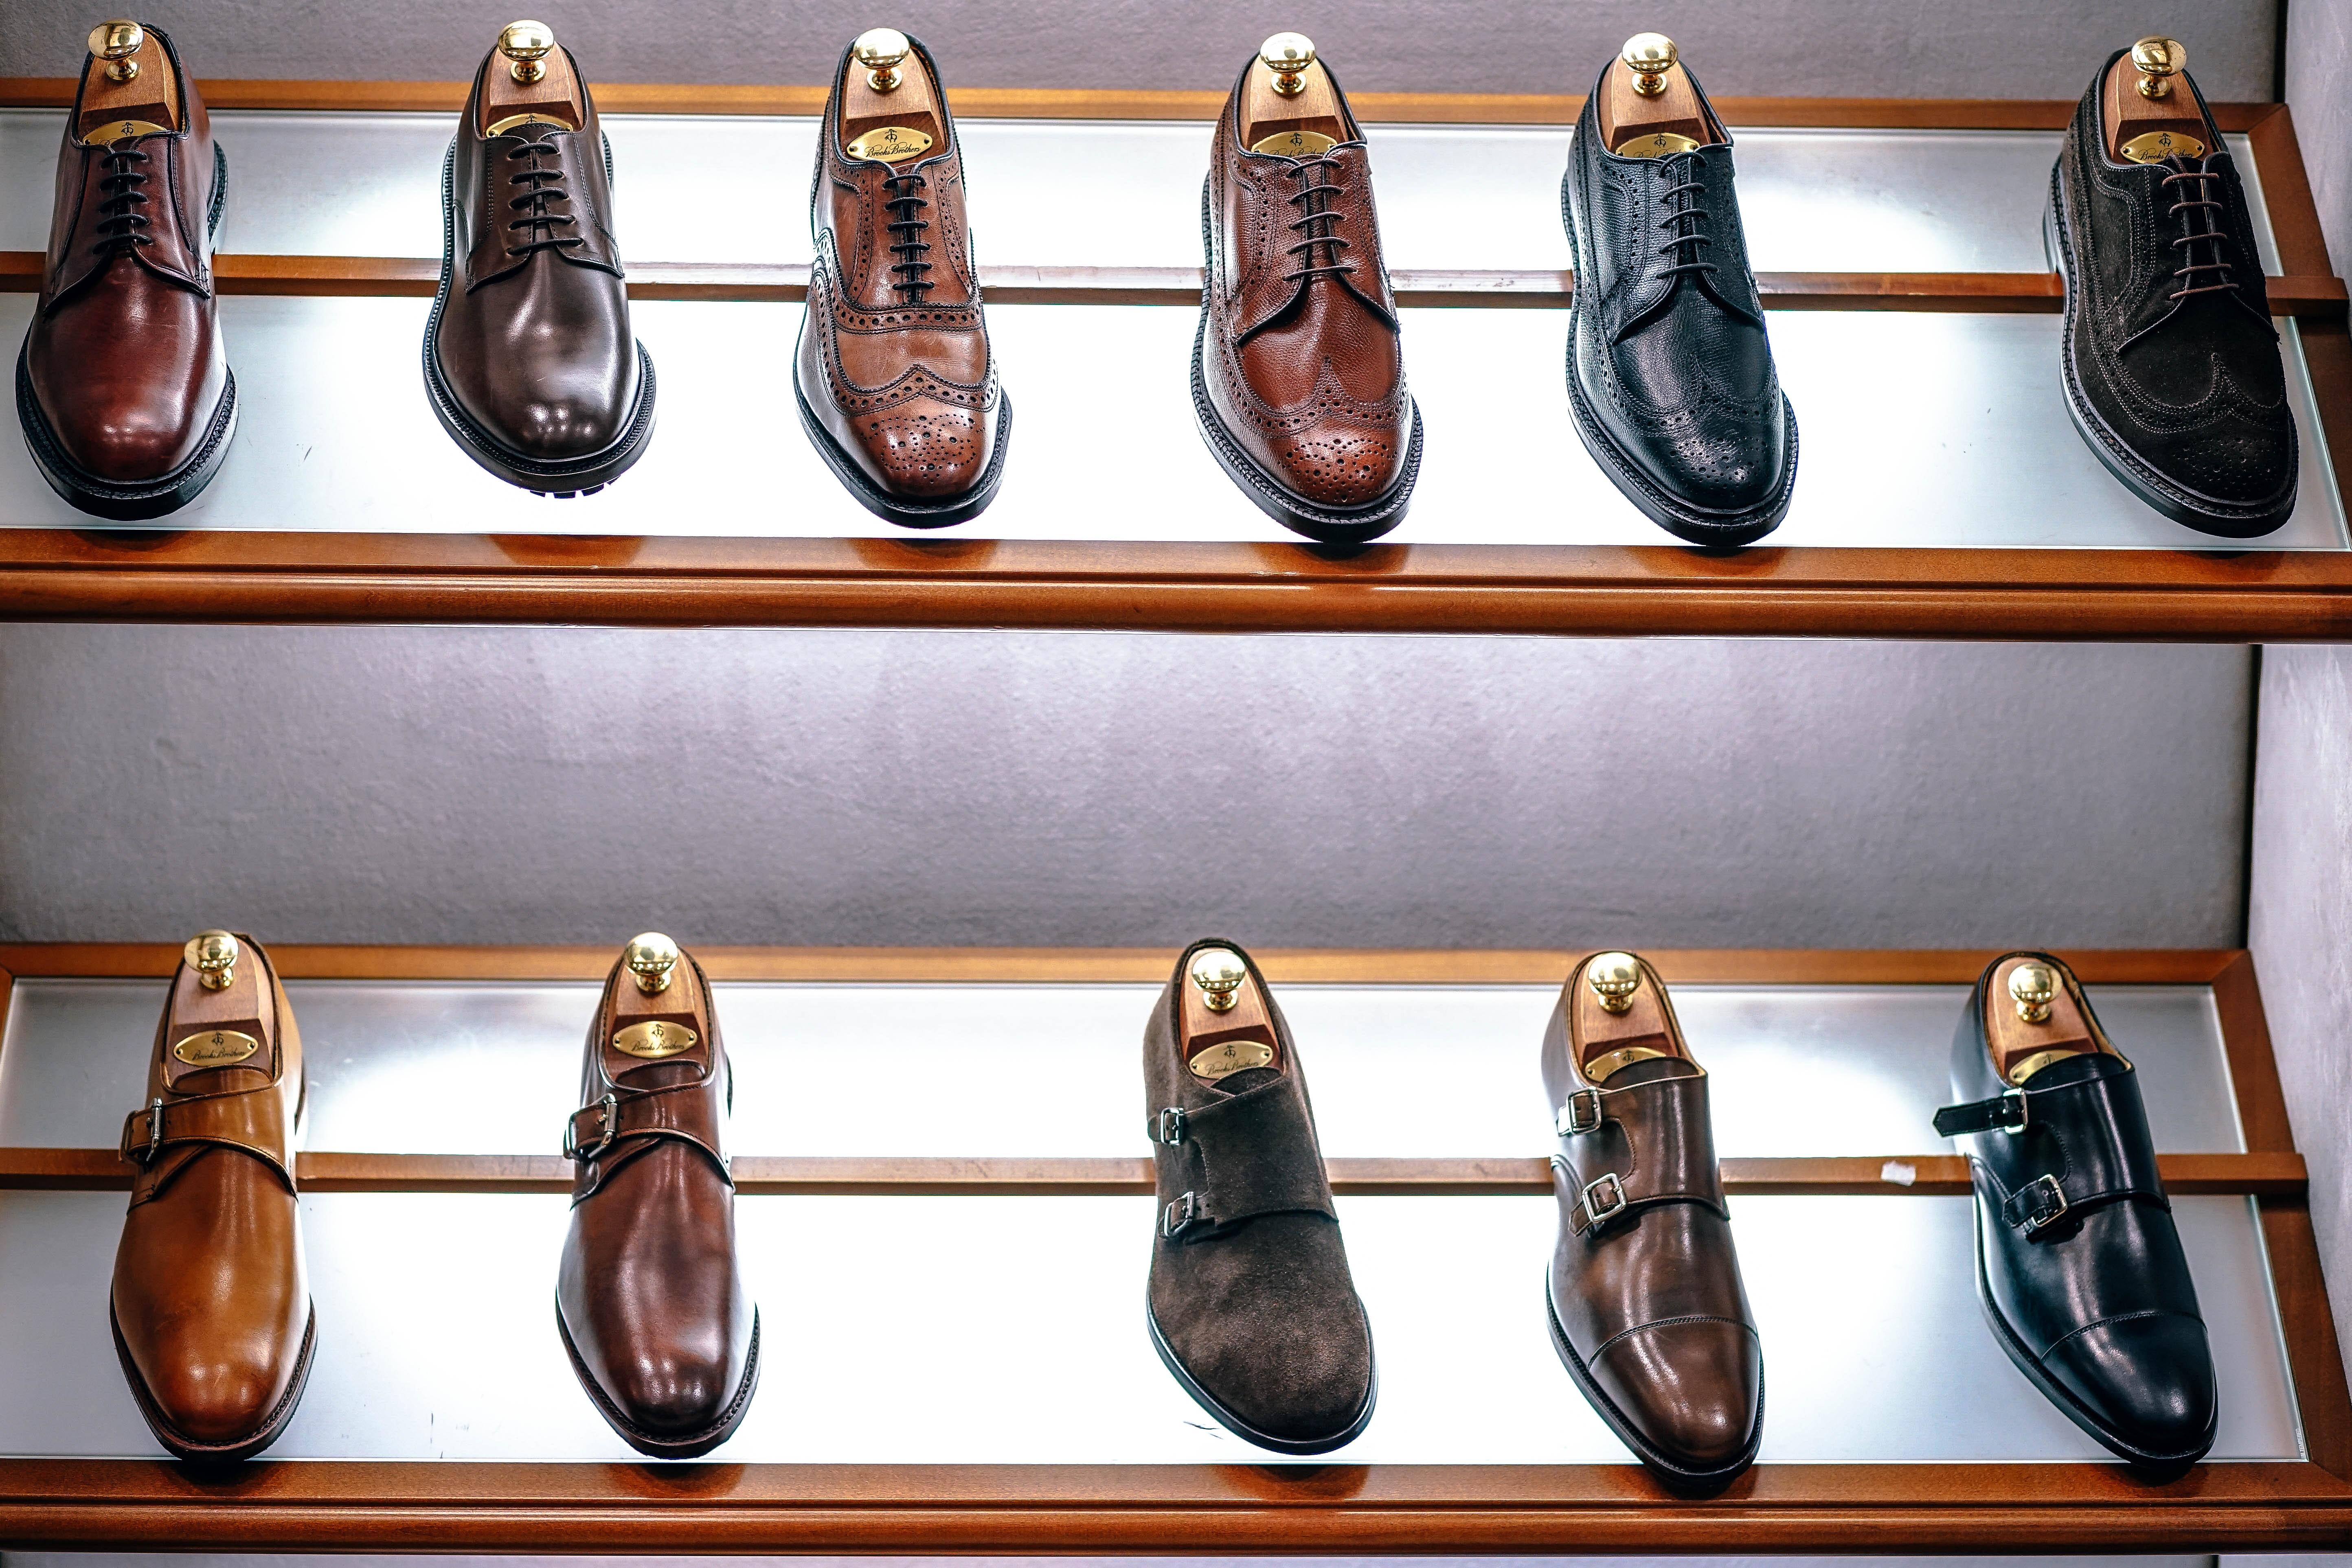 Dlaczego opłaca się kupować droższe buty skórzane? Dbamy o